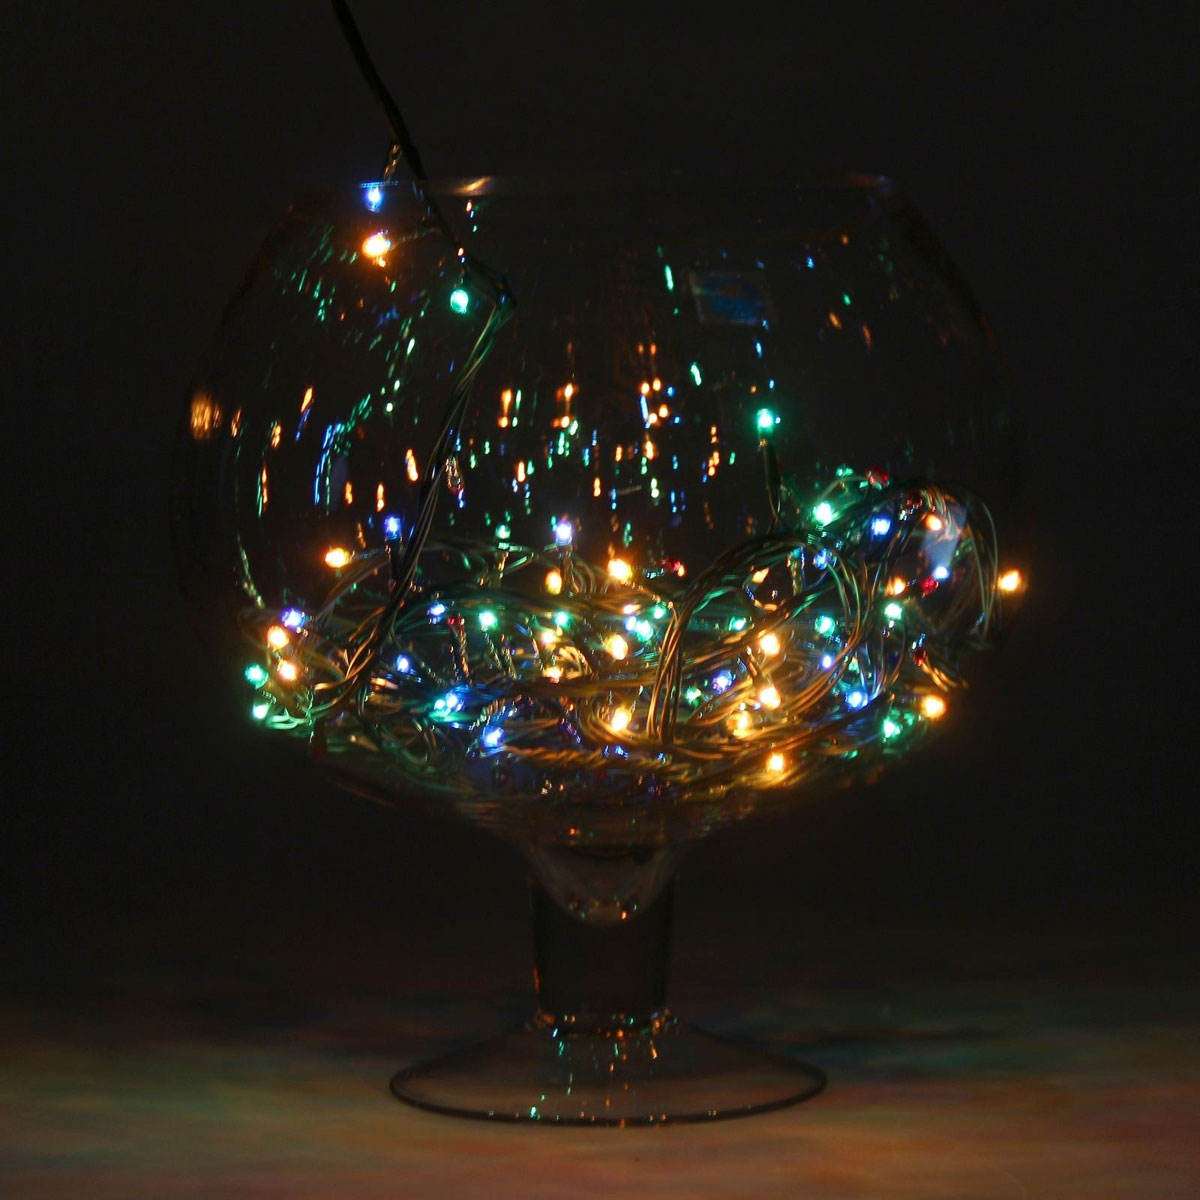 Гирлянда светодиодная Luazon Метраж, цвет: мультиколор, 100 ламп, 8 режимов, 220 V, длина 4,5 м. 7022501080473Гирлянда светодиодная Luazon Метраж - это отличный вариант для новогоднего оформления интерьера или фасада. С ее помощью помещение любого размера можно превратить в праздничный зал, а внешние элементы зданий, украшенные гирляндой, мгновенно станут напоминать очертания сказочного дворца. Такое украшение создаст ауру предвкушения чуда. Деревья, фасады, витрины, окна и арки будто специально созданы, чтобы вы украсили их светящимися нитями.